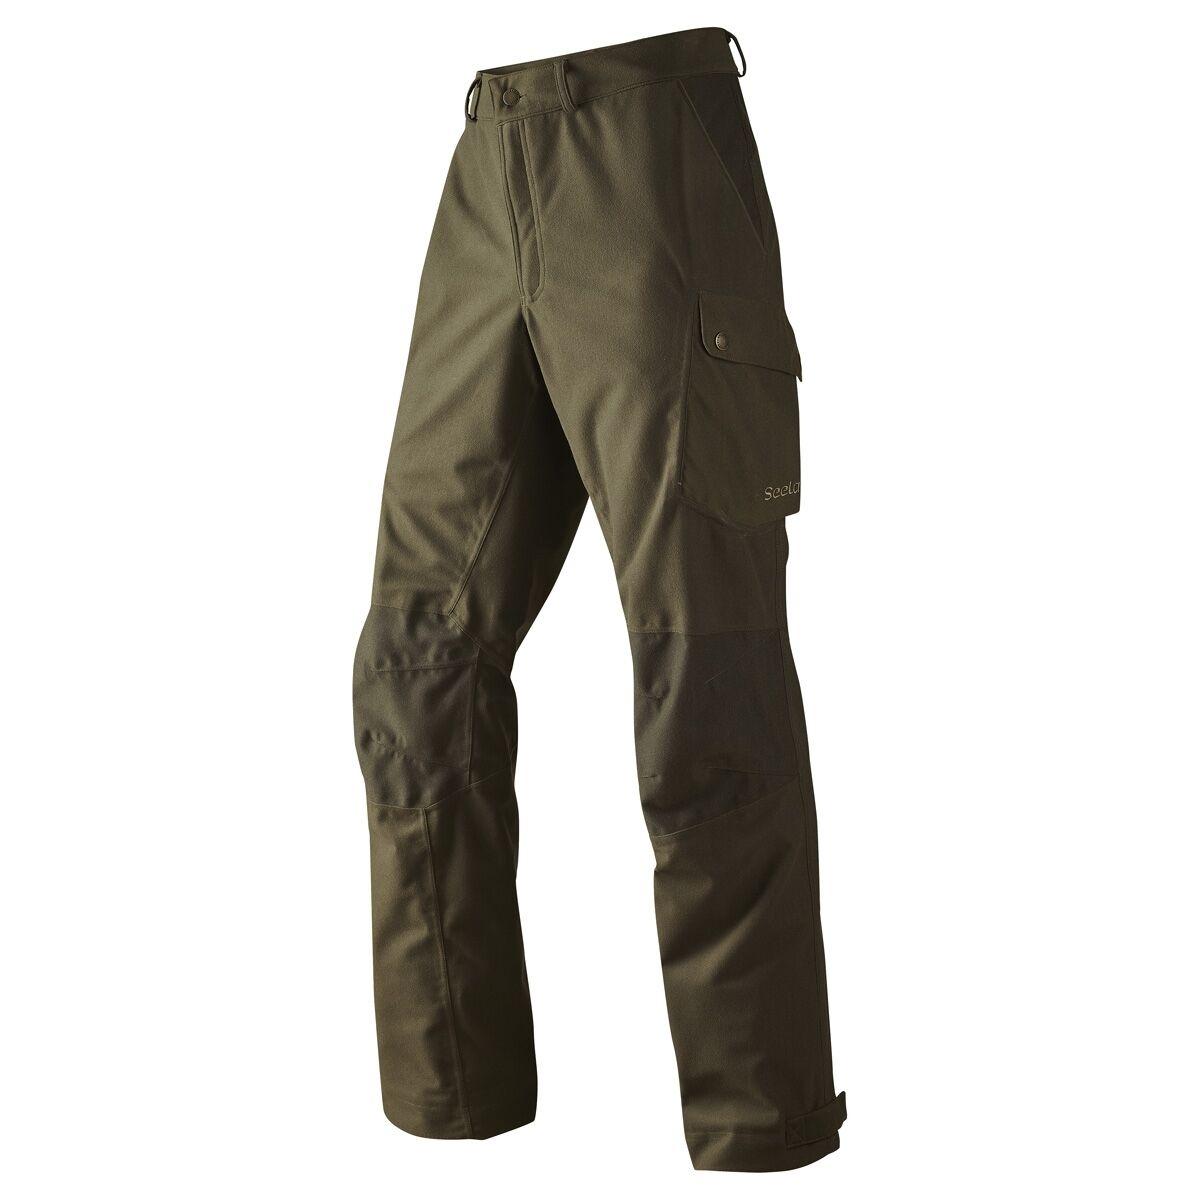 Seeland Pantalones Kensington-verde Pino-EU48-60 (disparos Caza  Senderismo)  en promociones de estadios